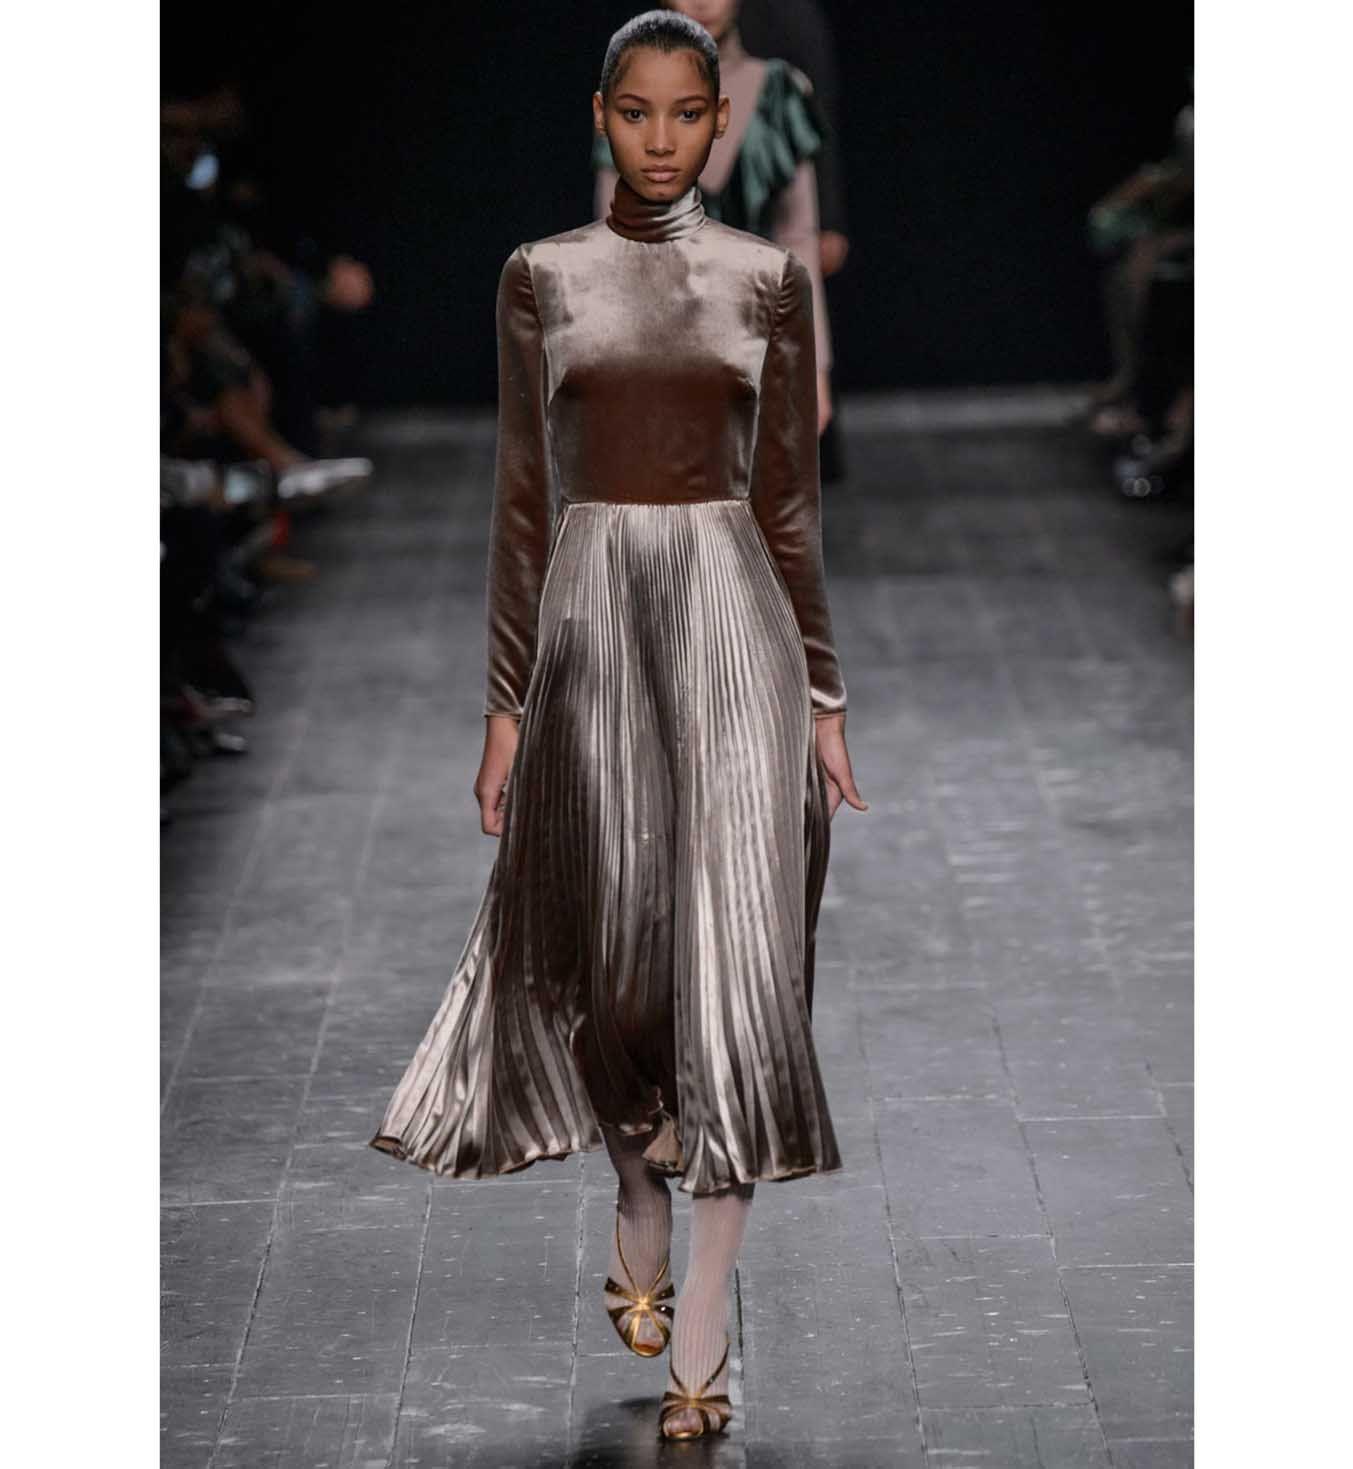 Mode jupe 2018 - Mode printemps etequelles sont les tendances a suivre ...